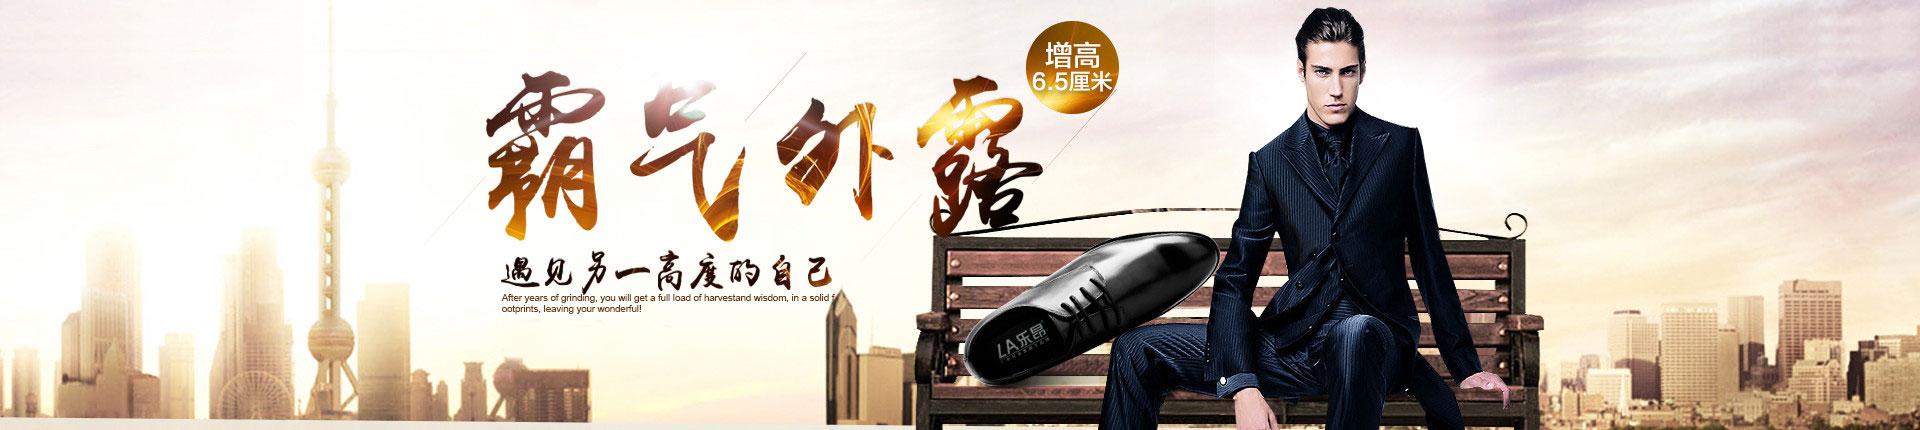 乐昂官方网站